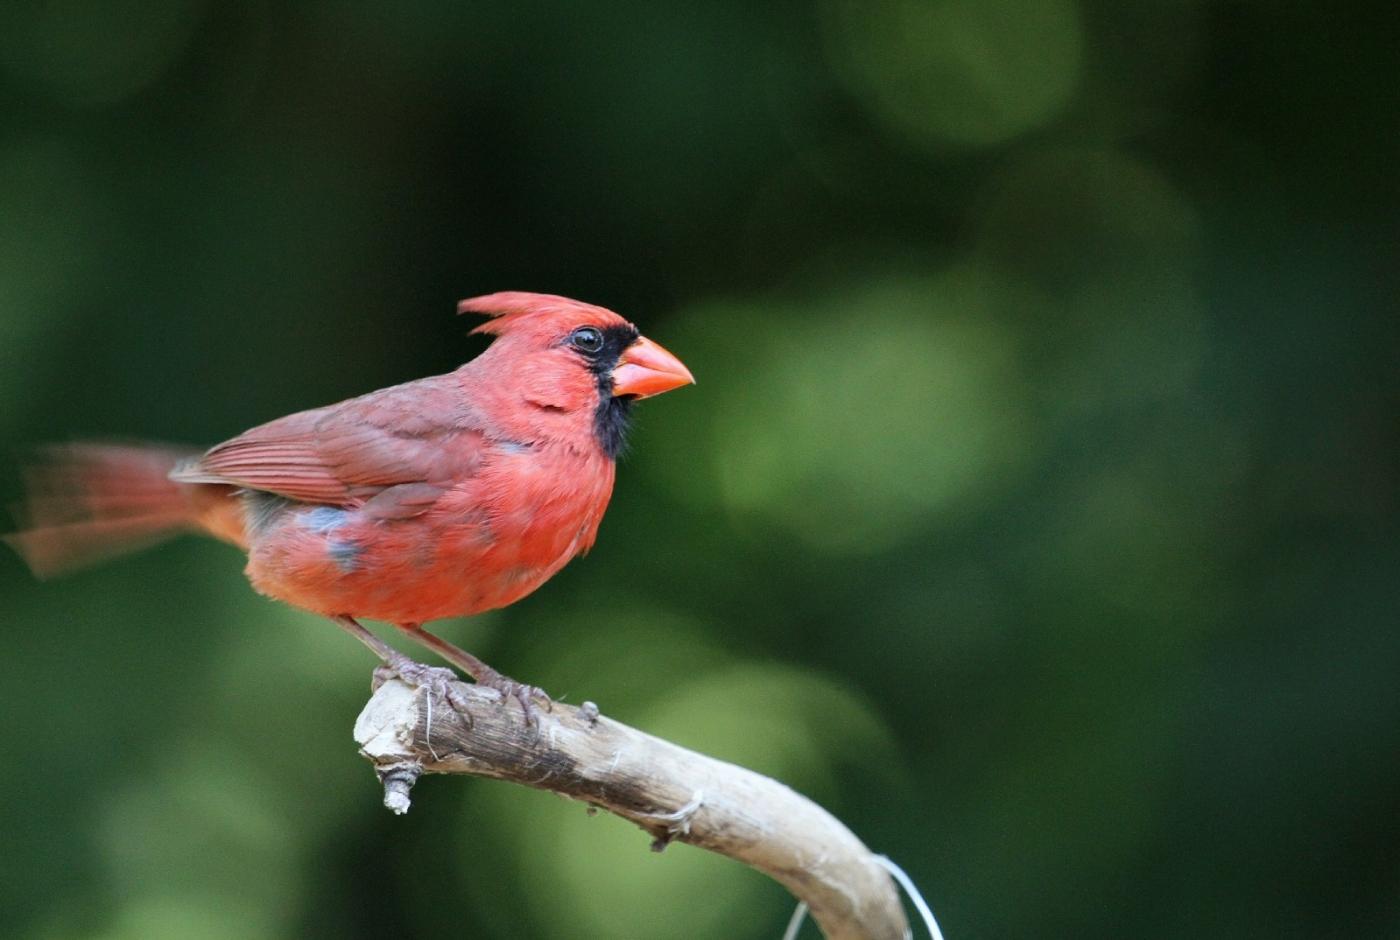 【田螺摄影】做个漂亮的喂鸟器更吸引红衣主教_图1-14